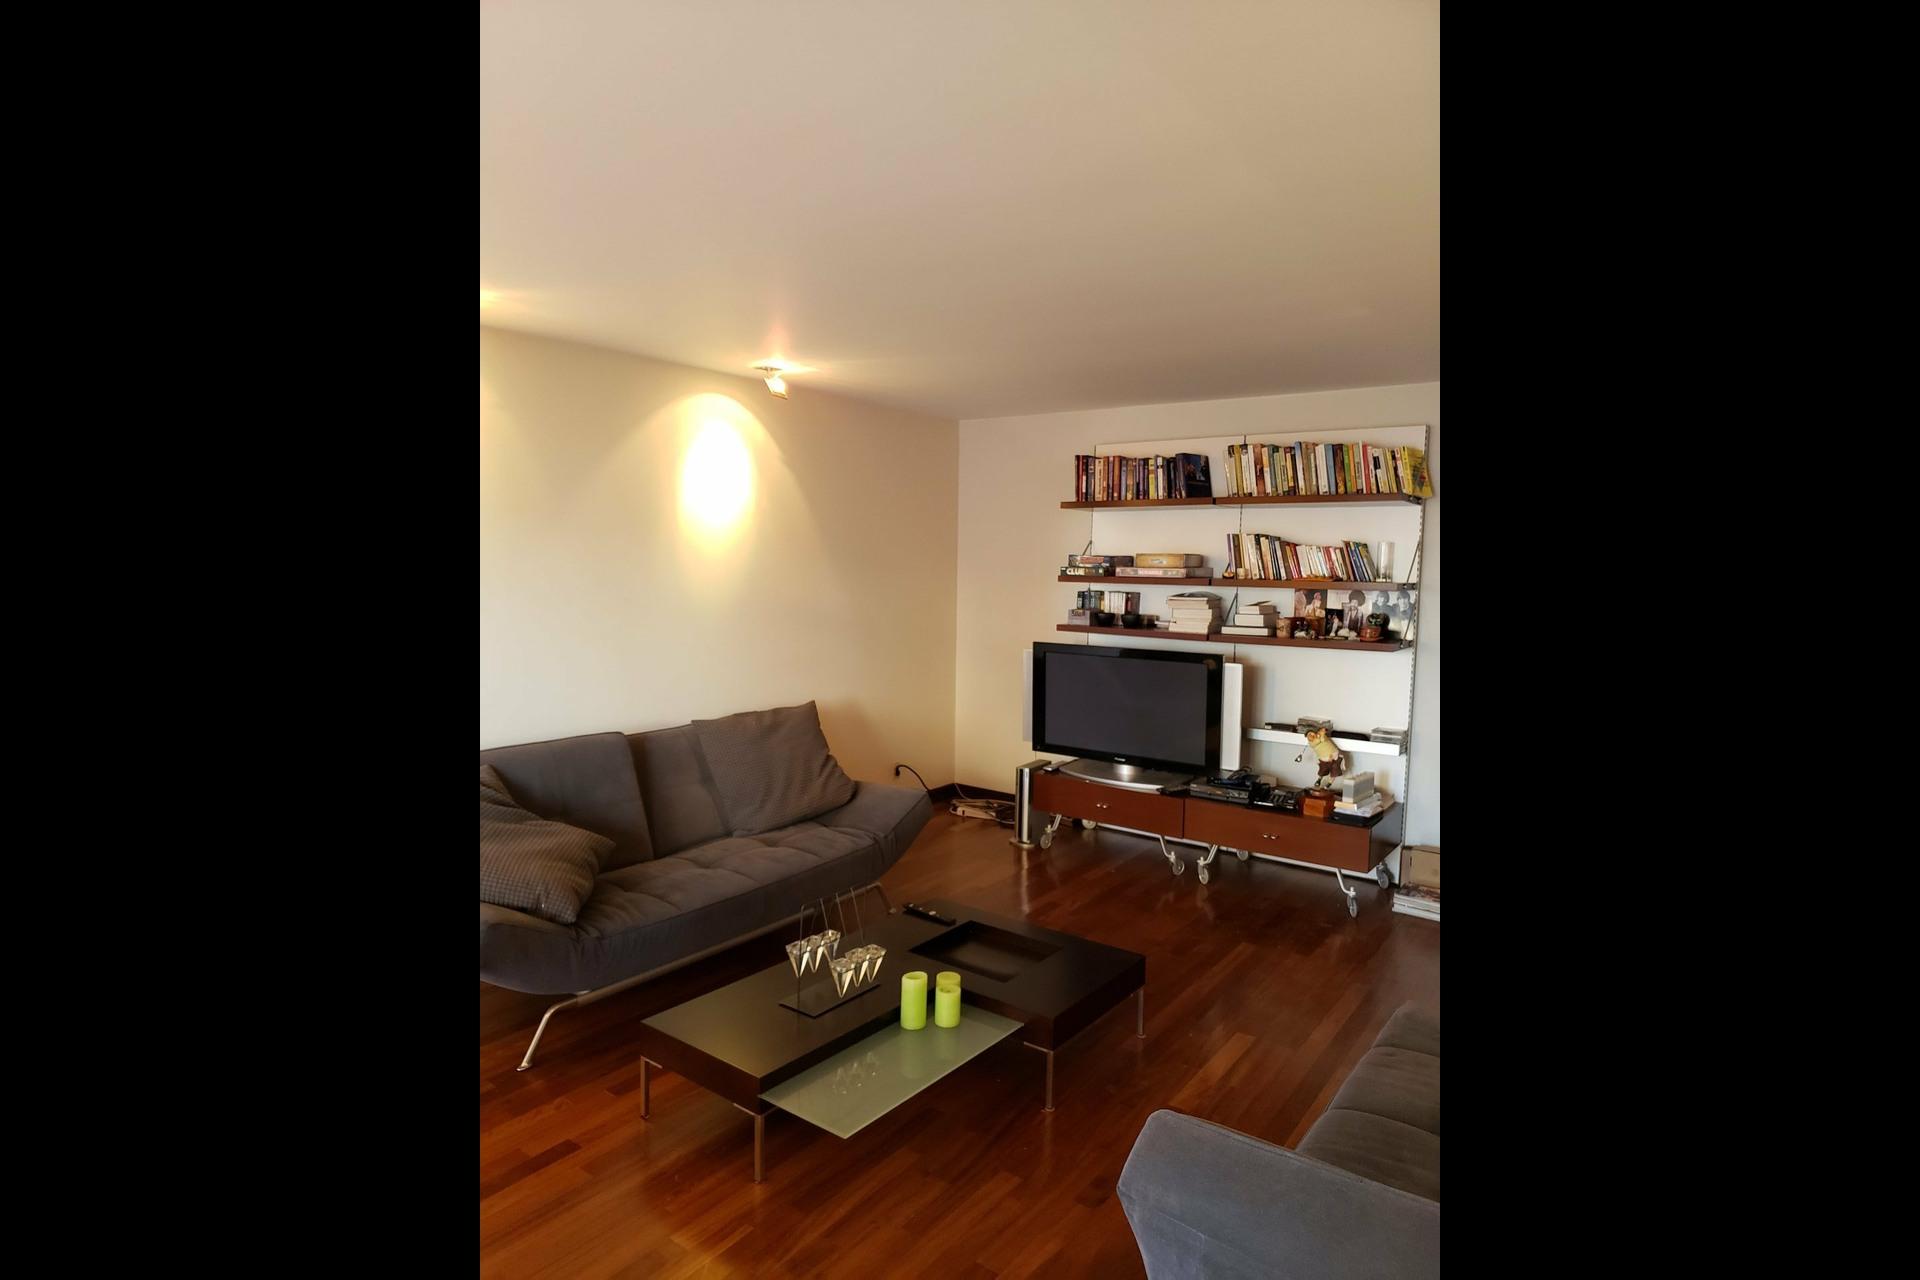 image 2 - Appartement À louer Montréal Ville-Marie  - 6 pièces